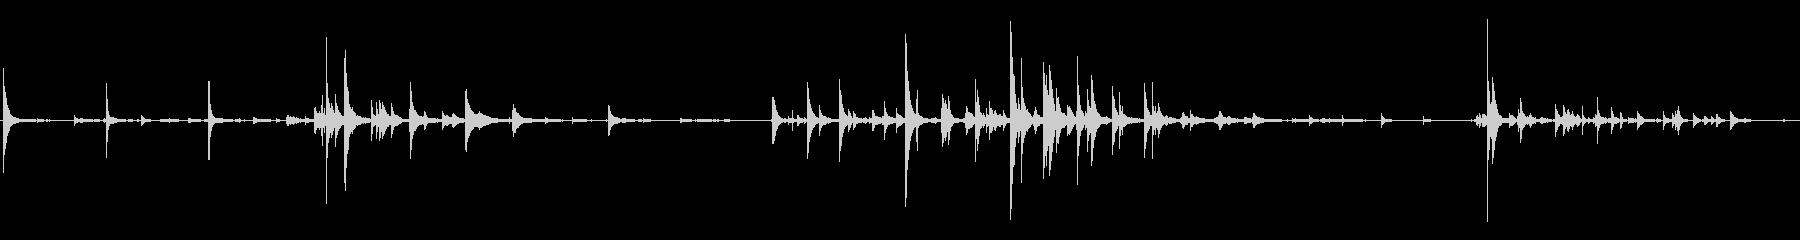 ベル管状x3の未再生の波形